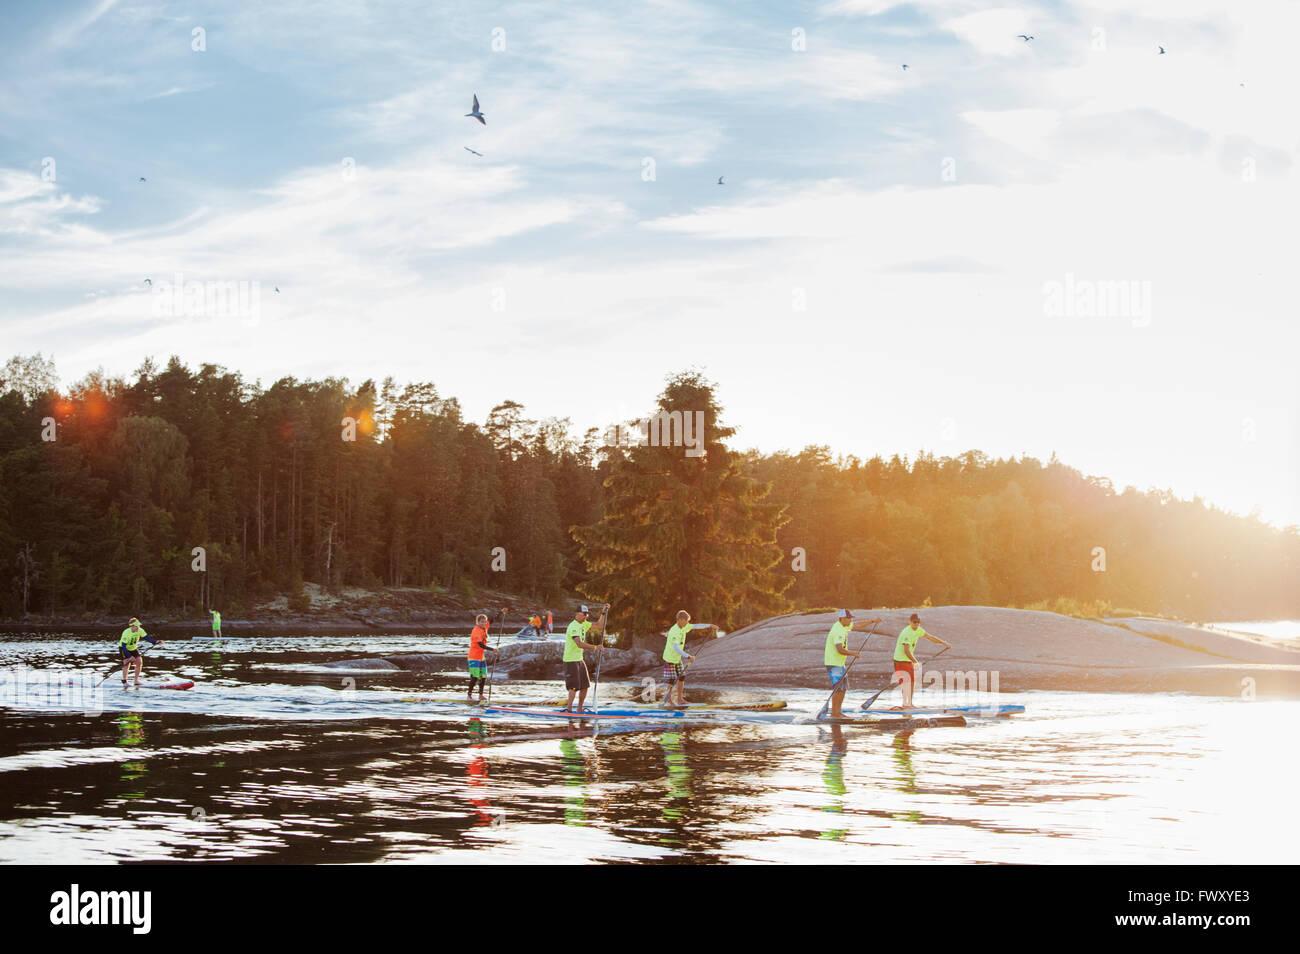 Finnland, Varsinais-Suomi, Eura, Paddler Ufer während der Rennen Stockbild